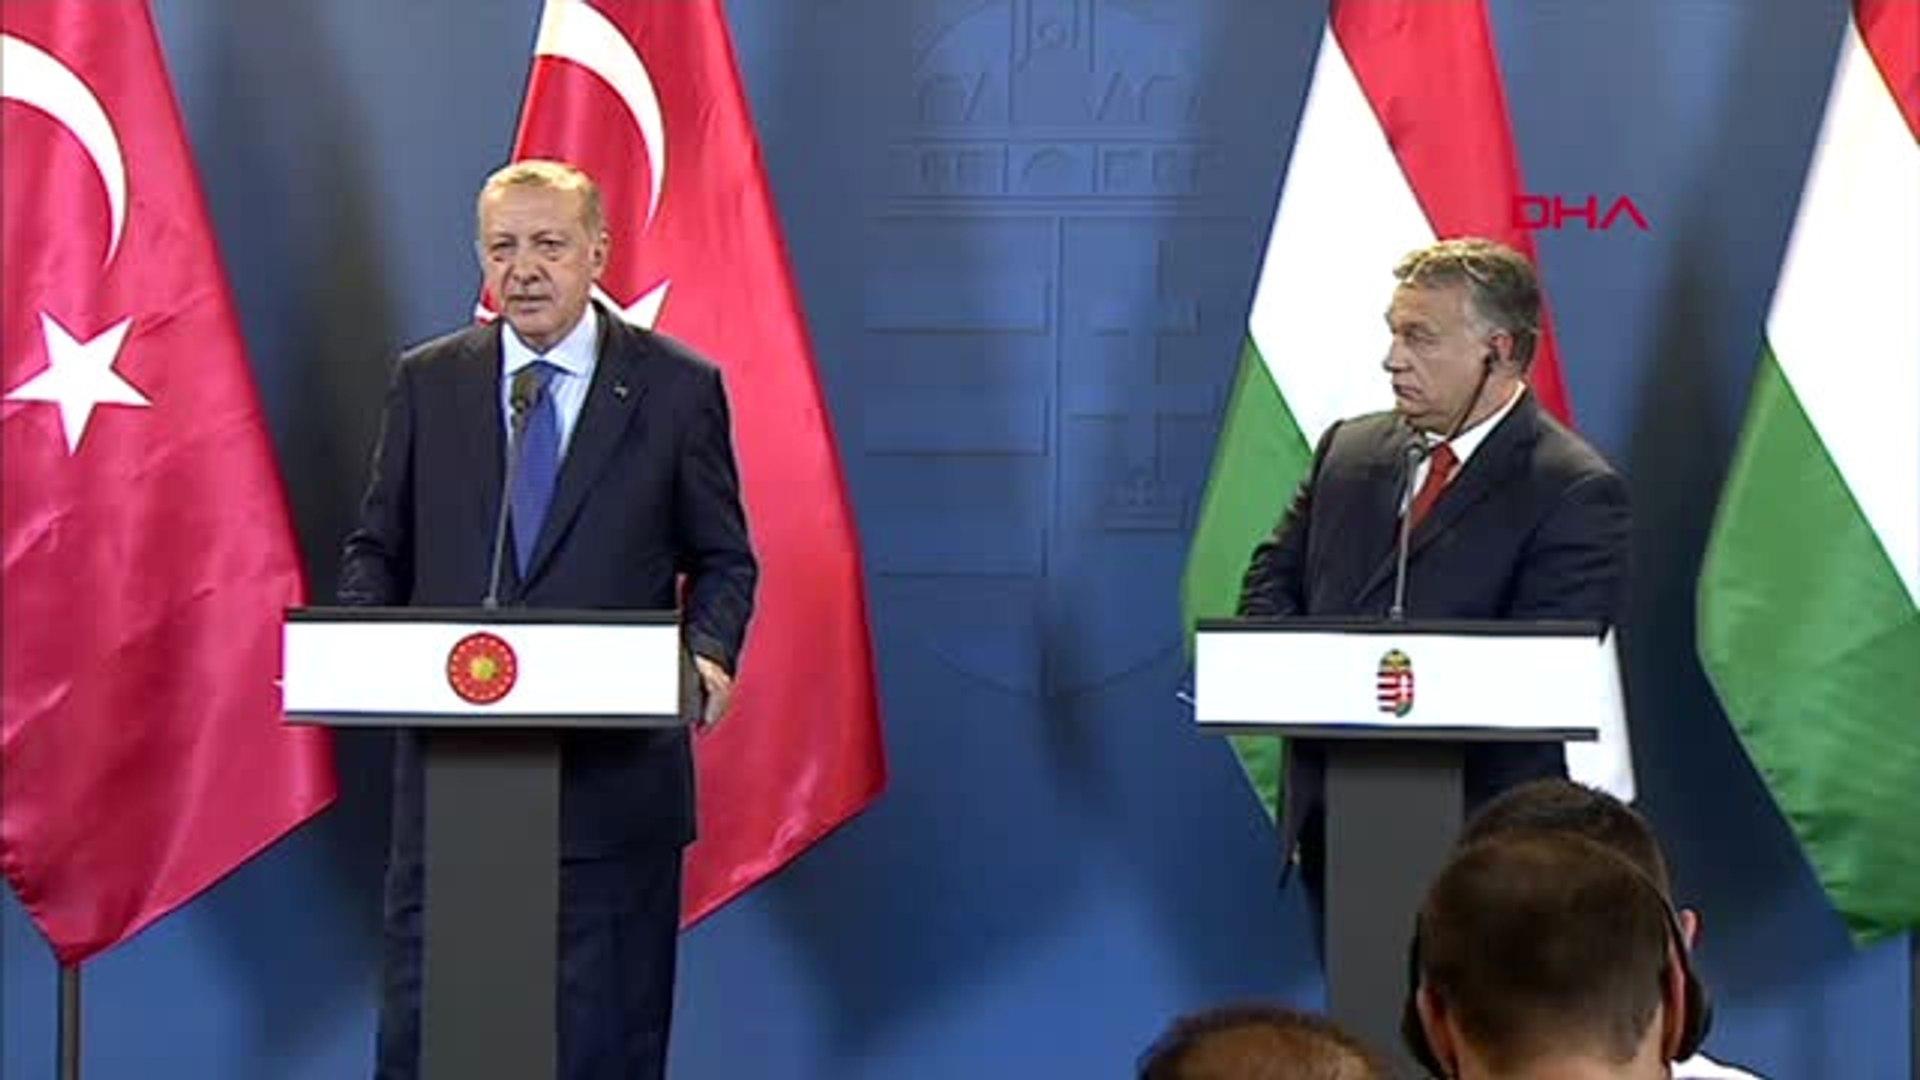 Cumhurbaşkanı Erdoğan Macaristan Başbakanı Viktor Orban ile Ortak Basın Toplantısı Düzenledi 3